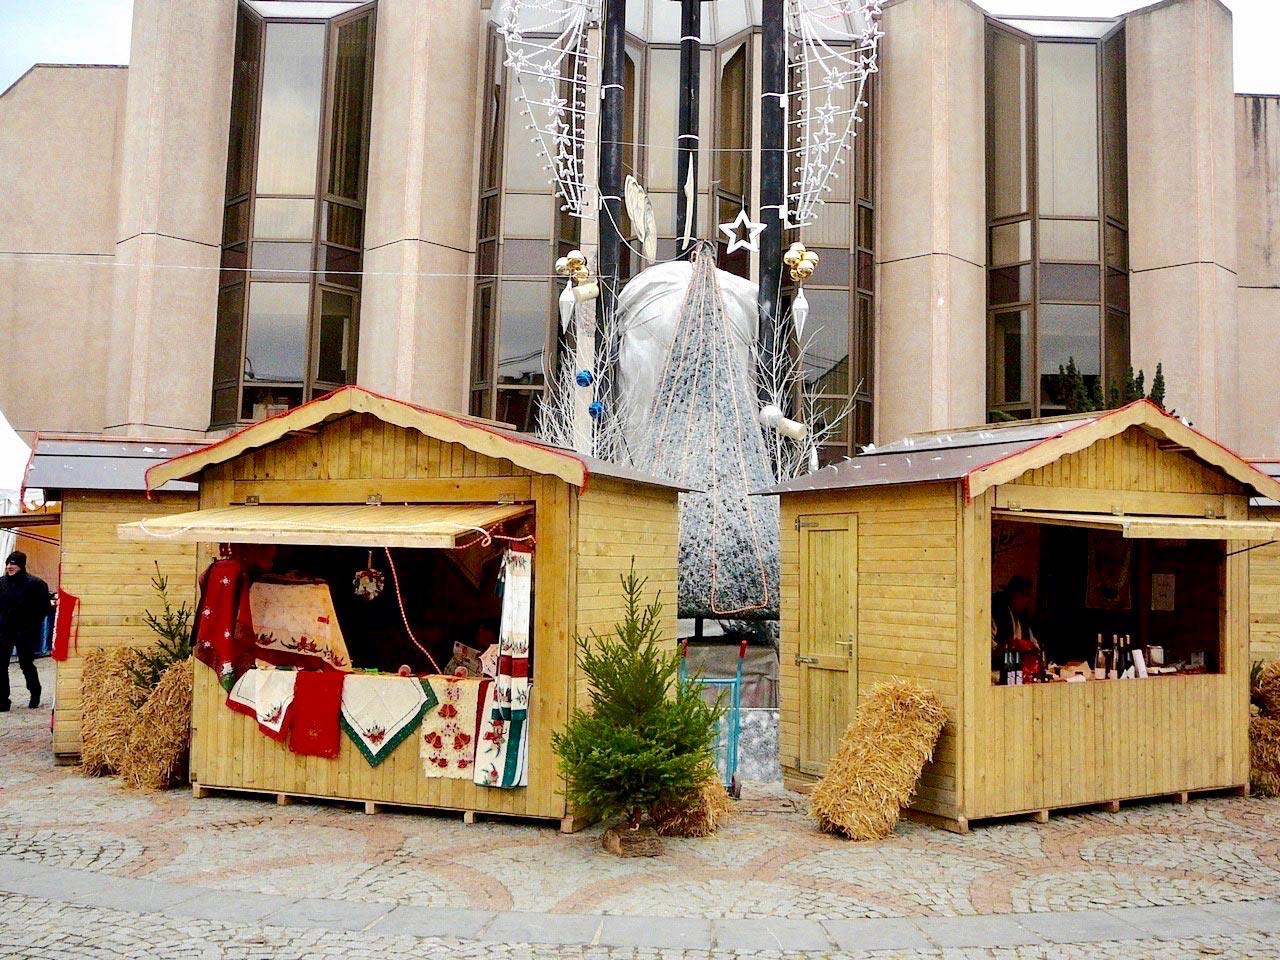 Chalet Marché De Noel Location de chalets de Noël à Versailles, Trappes, Yvelines, Île